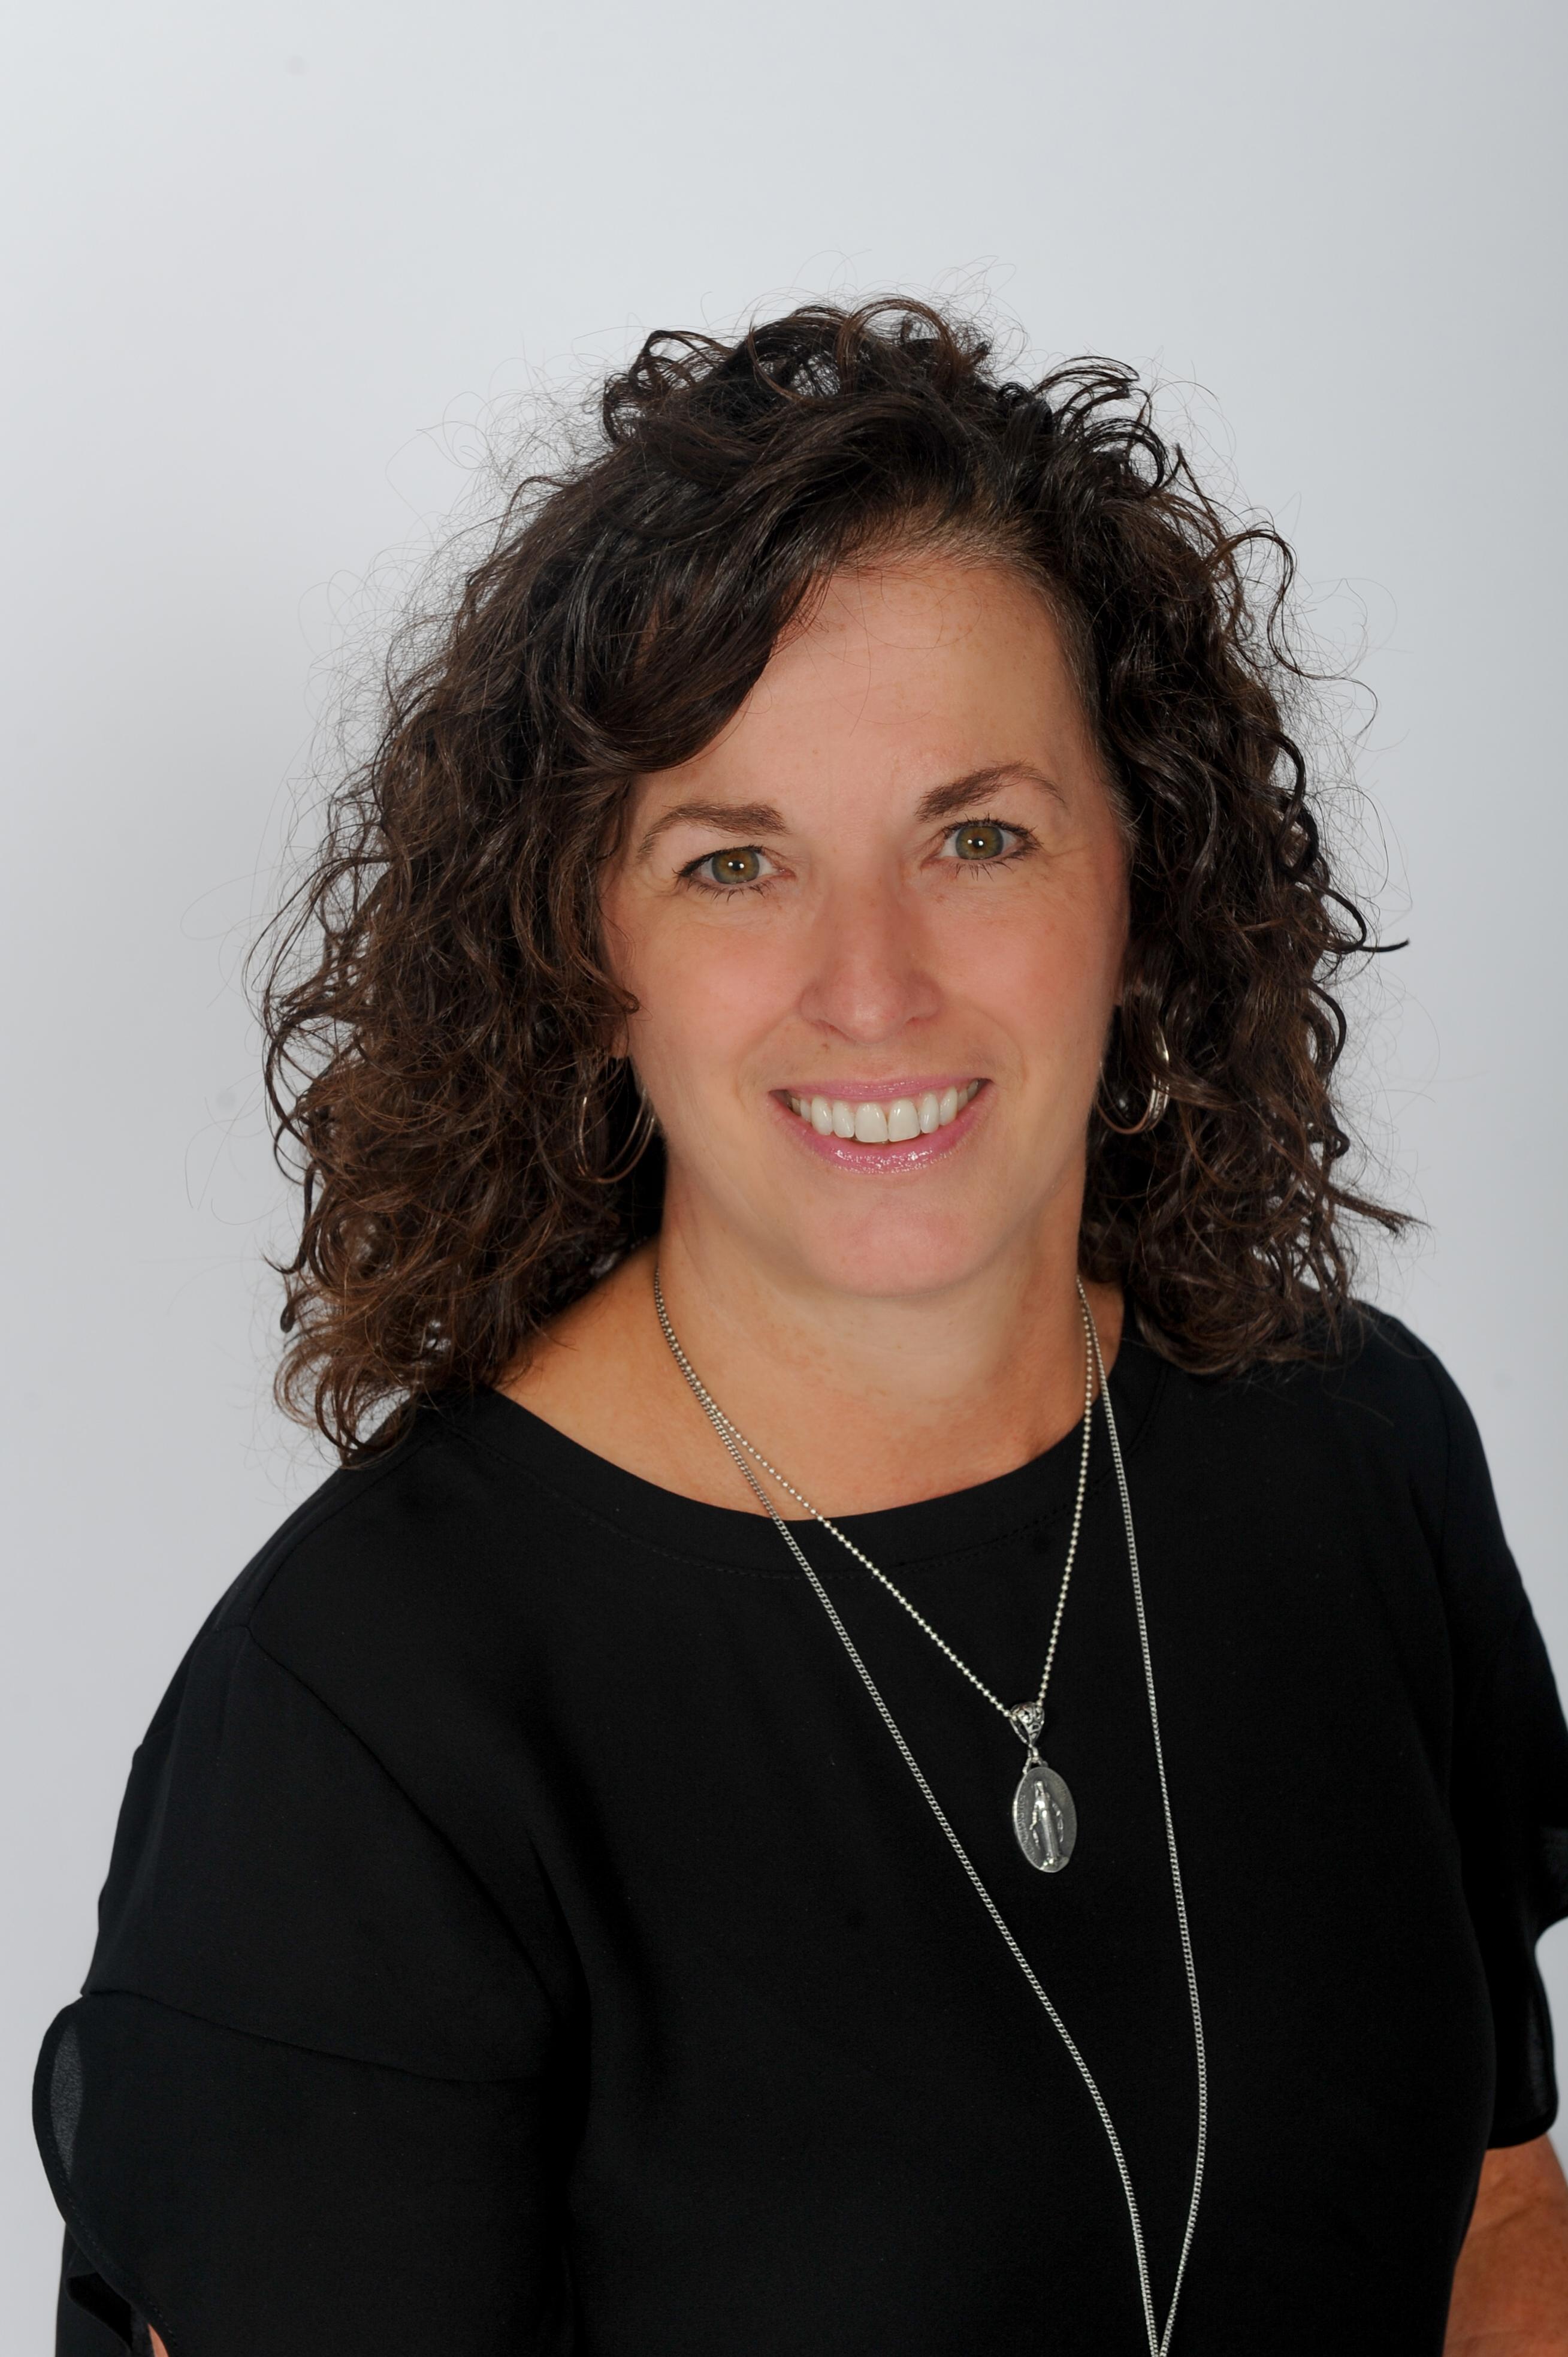 Rosemarie Recher